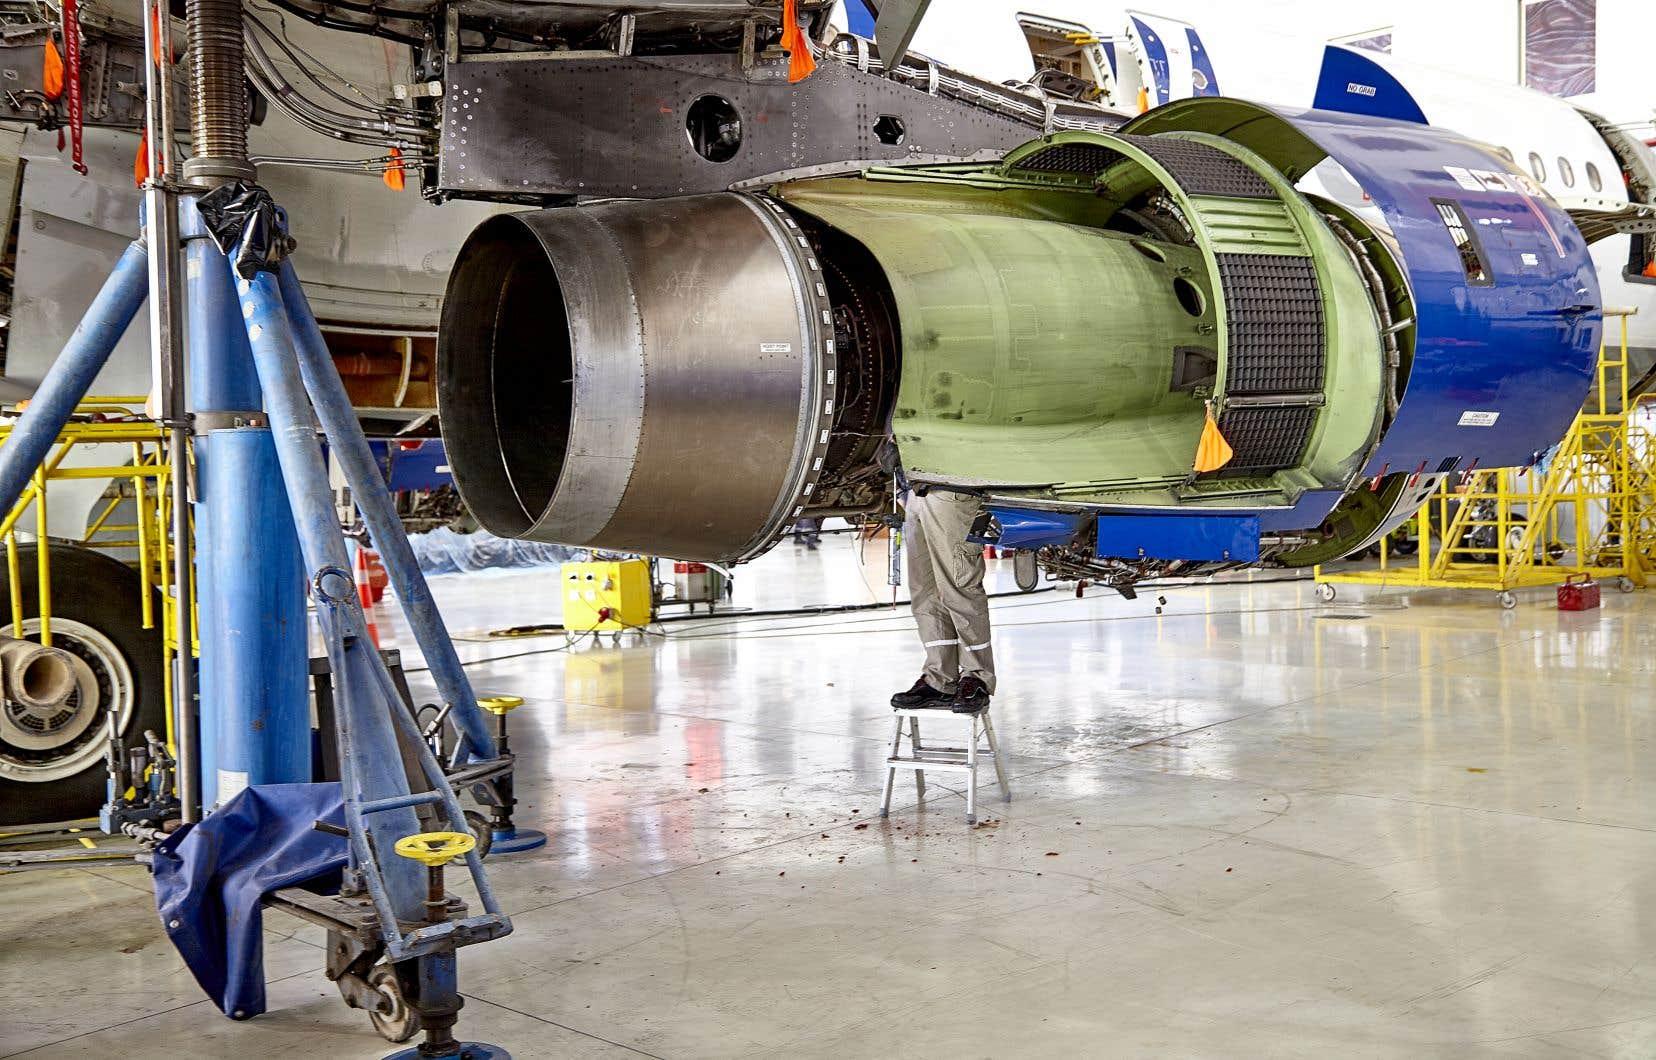 L'industrie aérospatiale québécoise devra pourvoir environ 37000 emplois d'ici 2028, selon les chiffres mis en avant par les partenaires de la campagne.